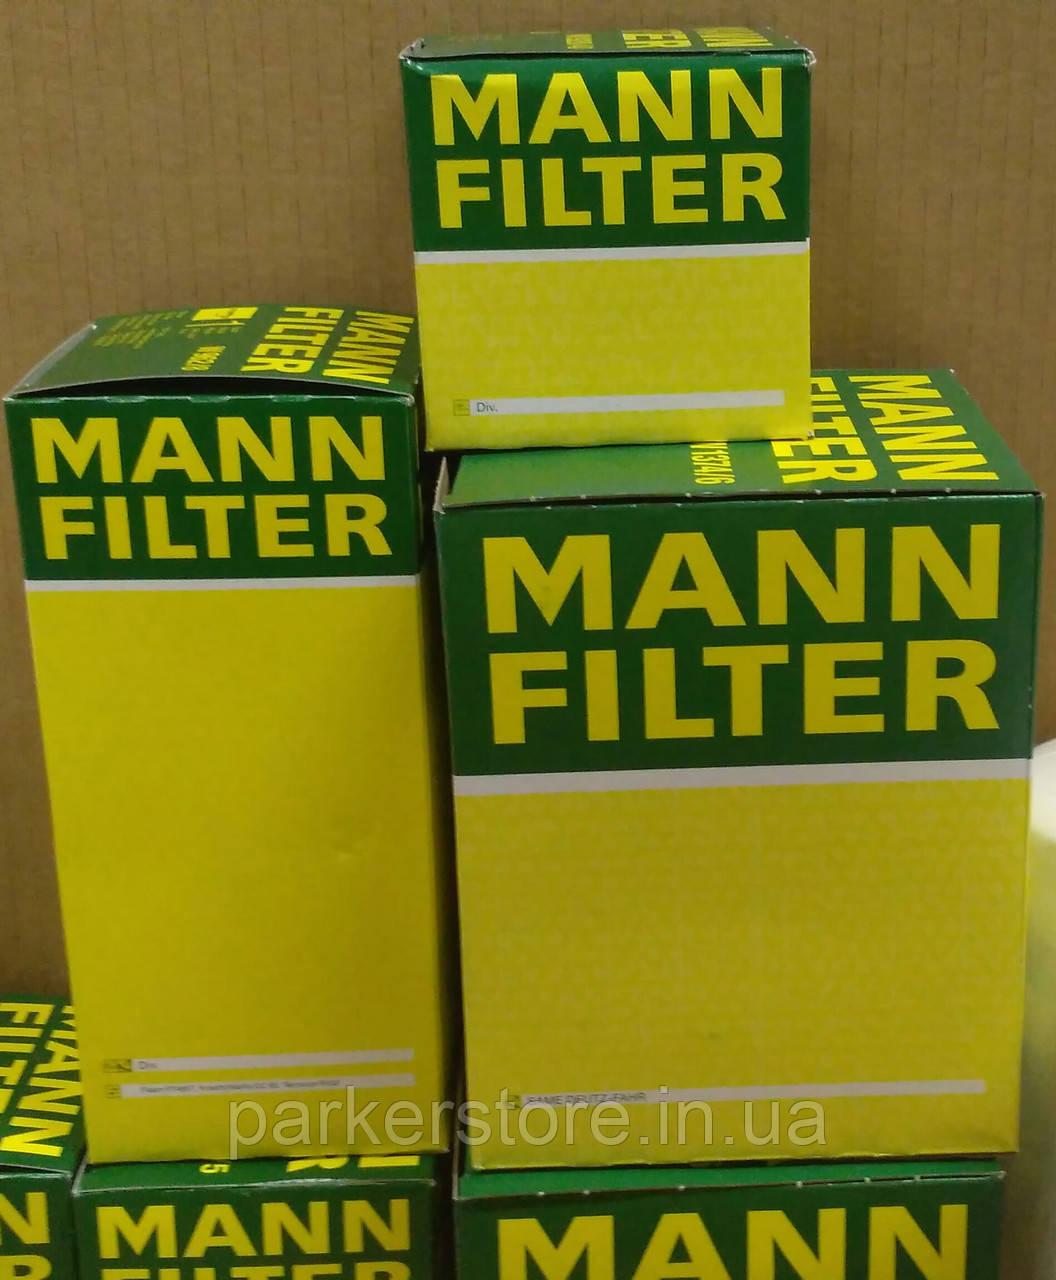 MANN FILTER / Повітряний фільтр / C 2628 / C2628